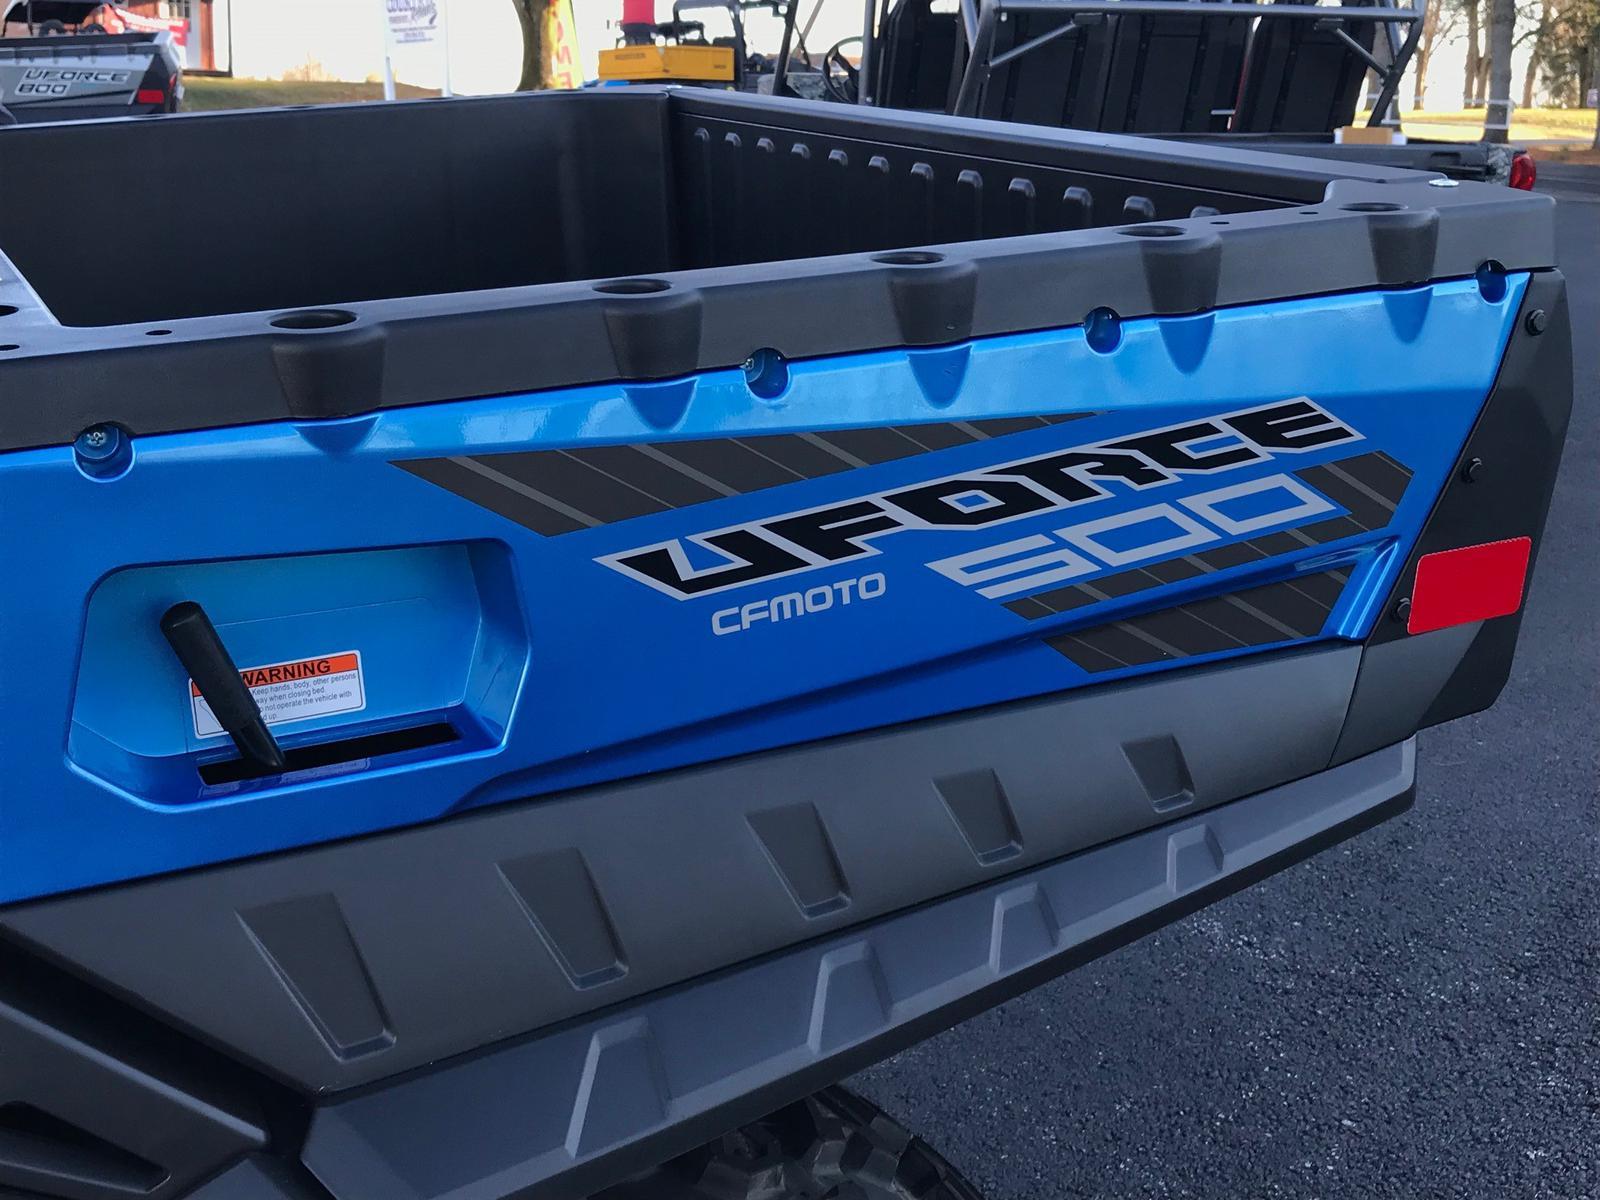 2019 CFMOTO UFORCE 500 HO EPS 4X4 UTV for sale in Greenville